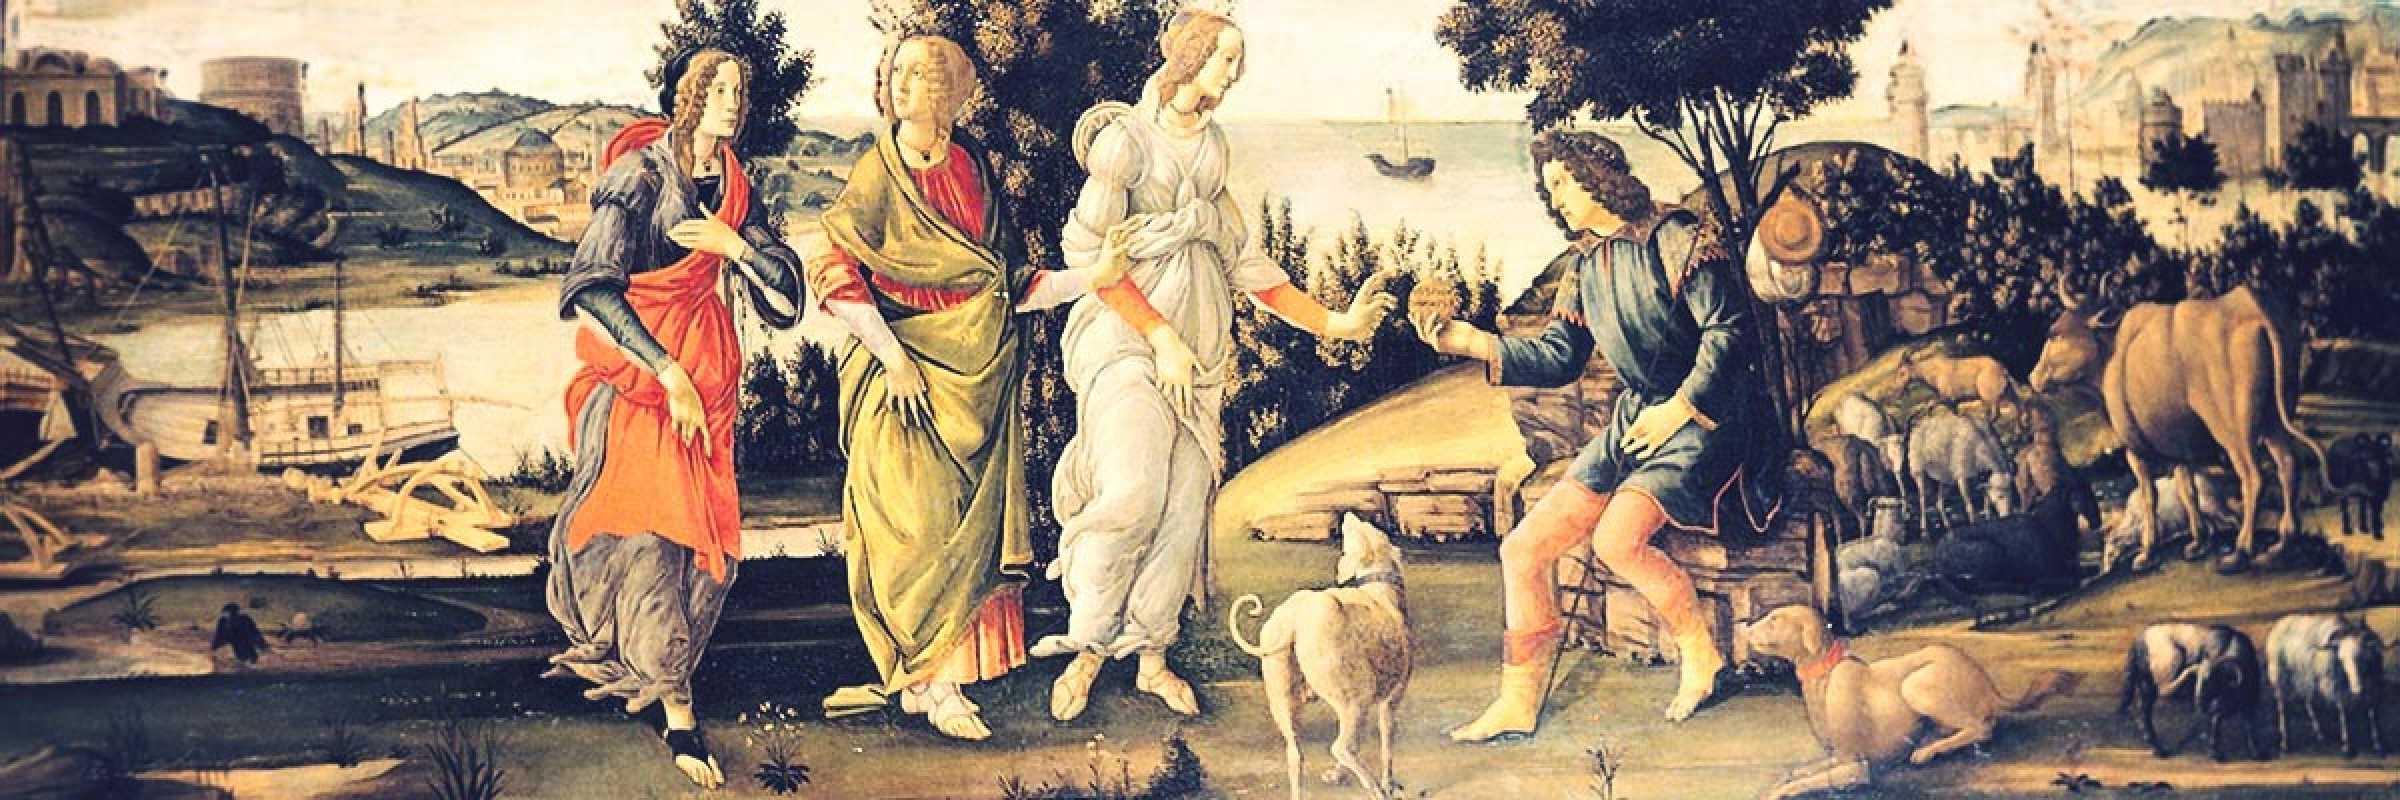 Sandro Botticelli - Il Giudizio di Paride.